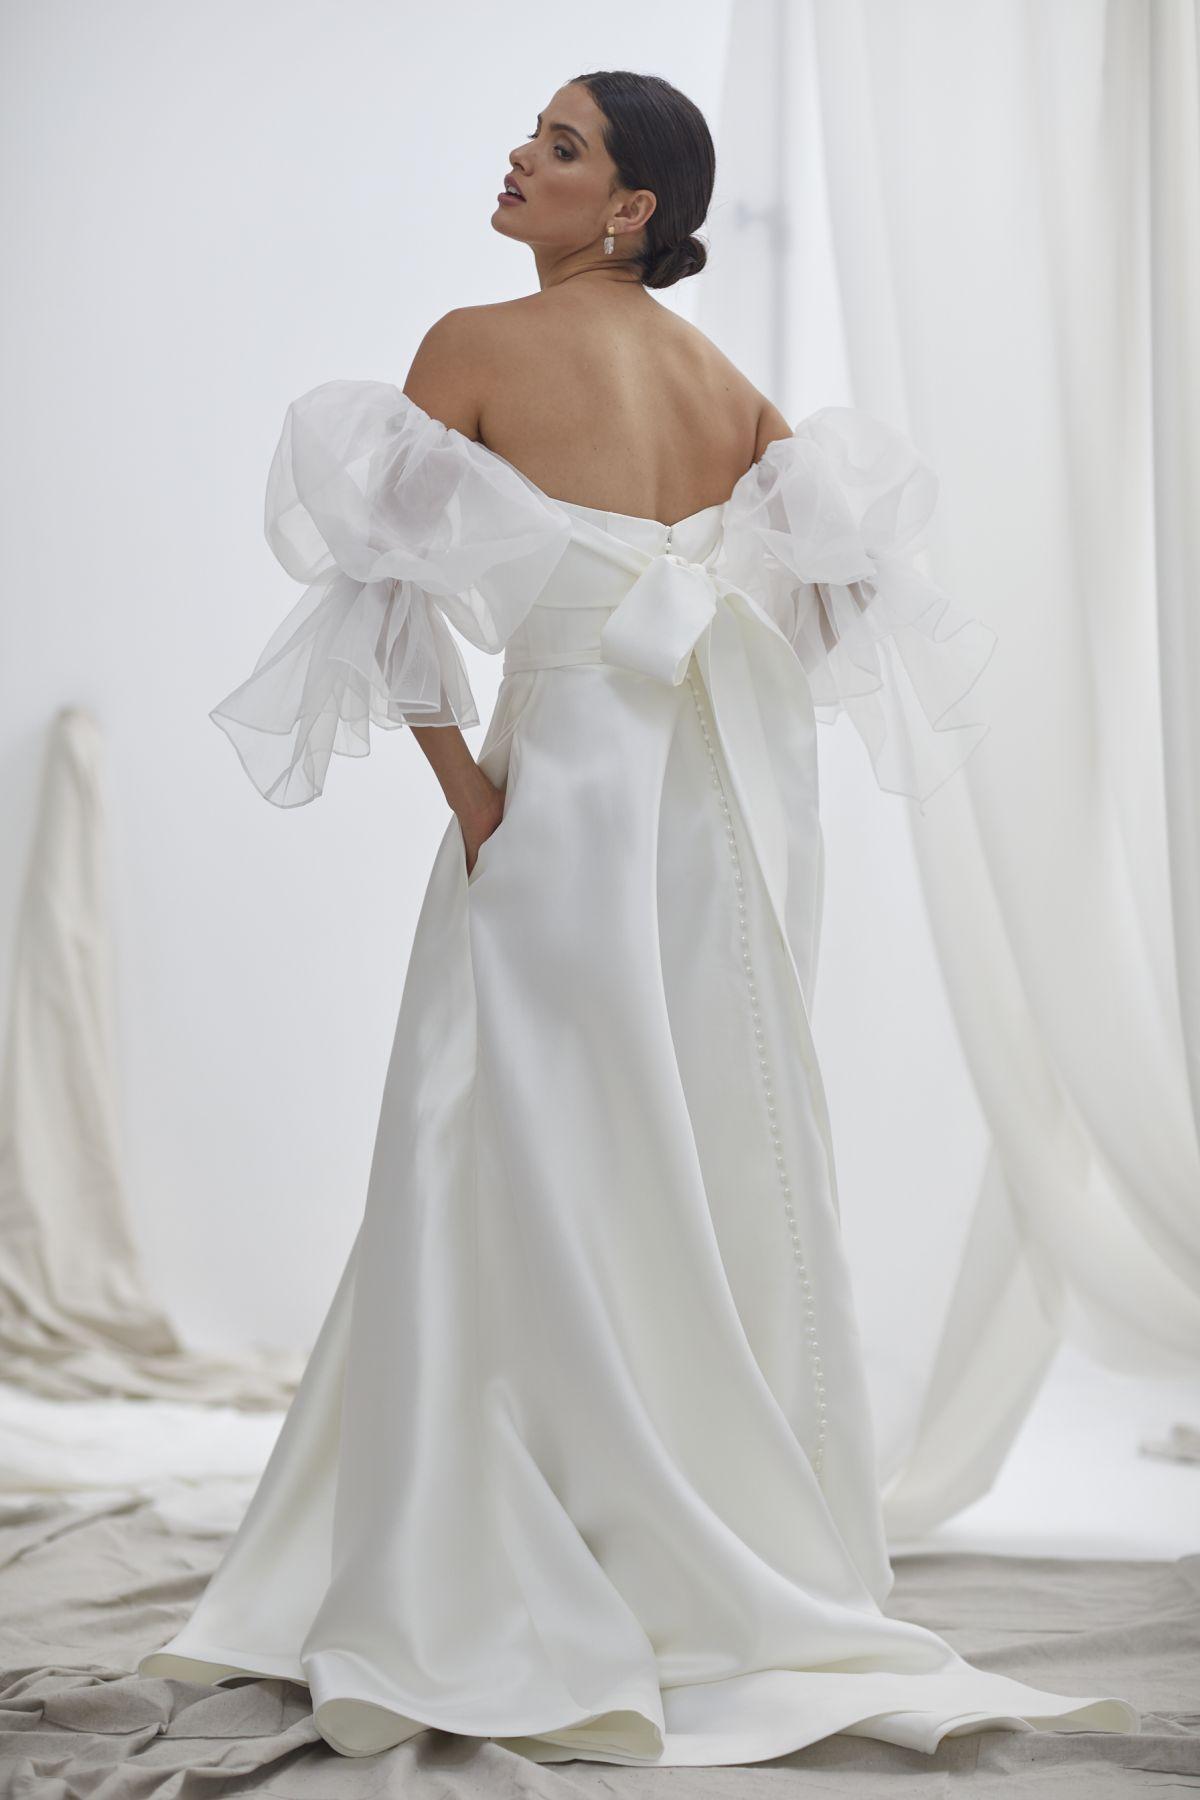 Vivienne With Nebbia Organza Wedding Gown 25_1848